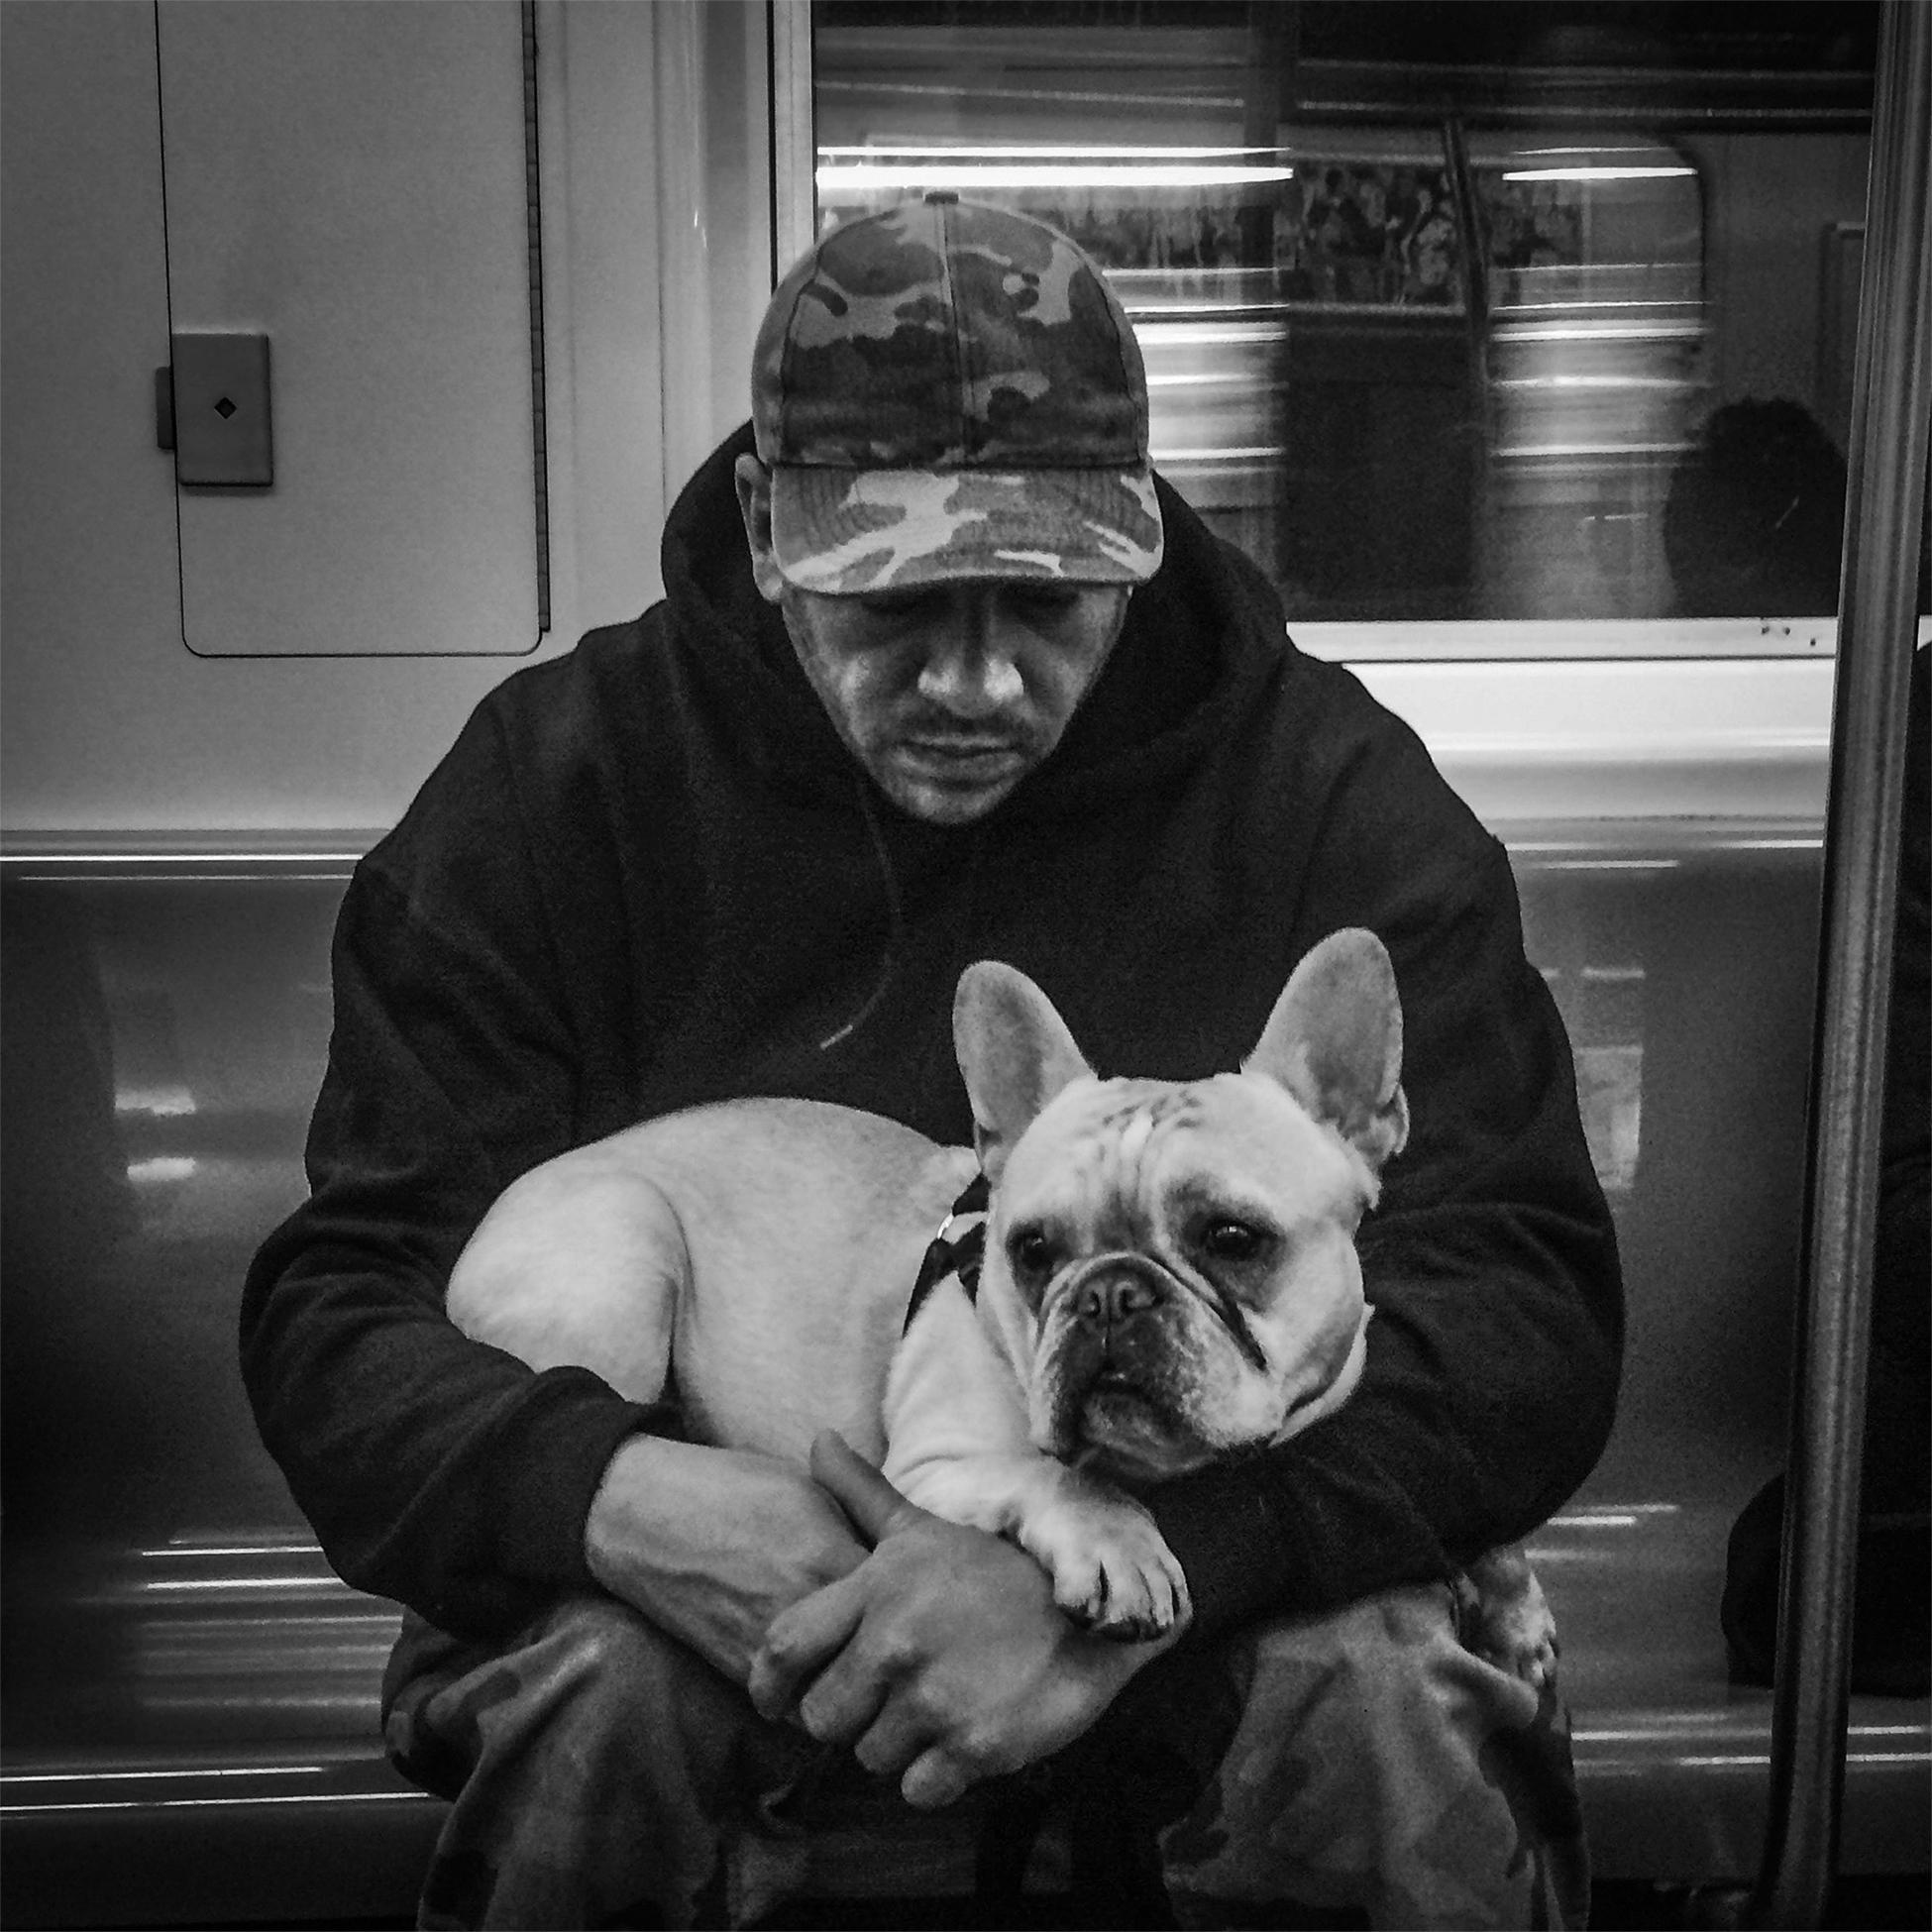 New York Subway, 2016